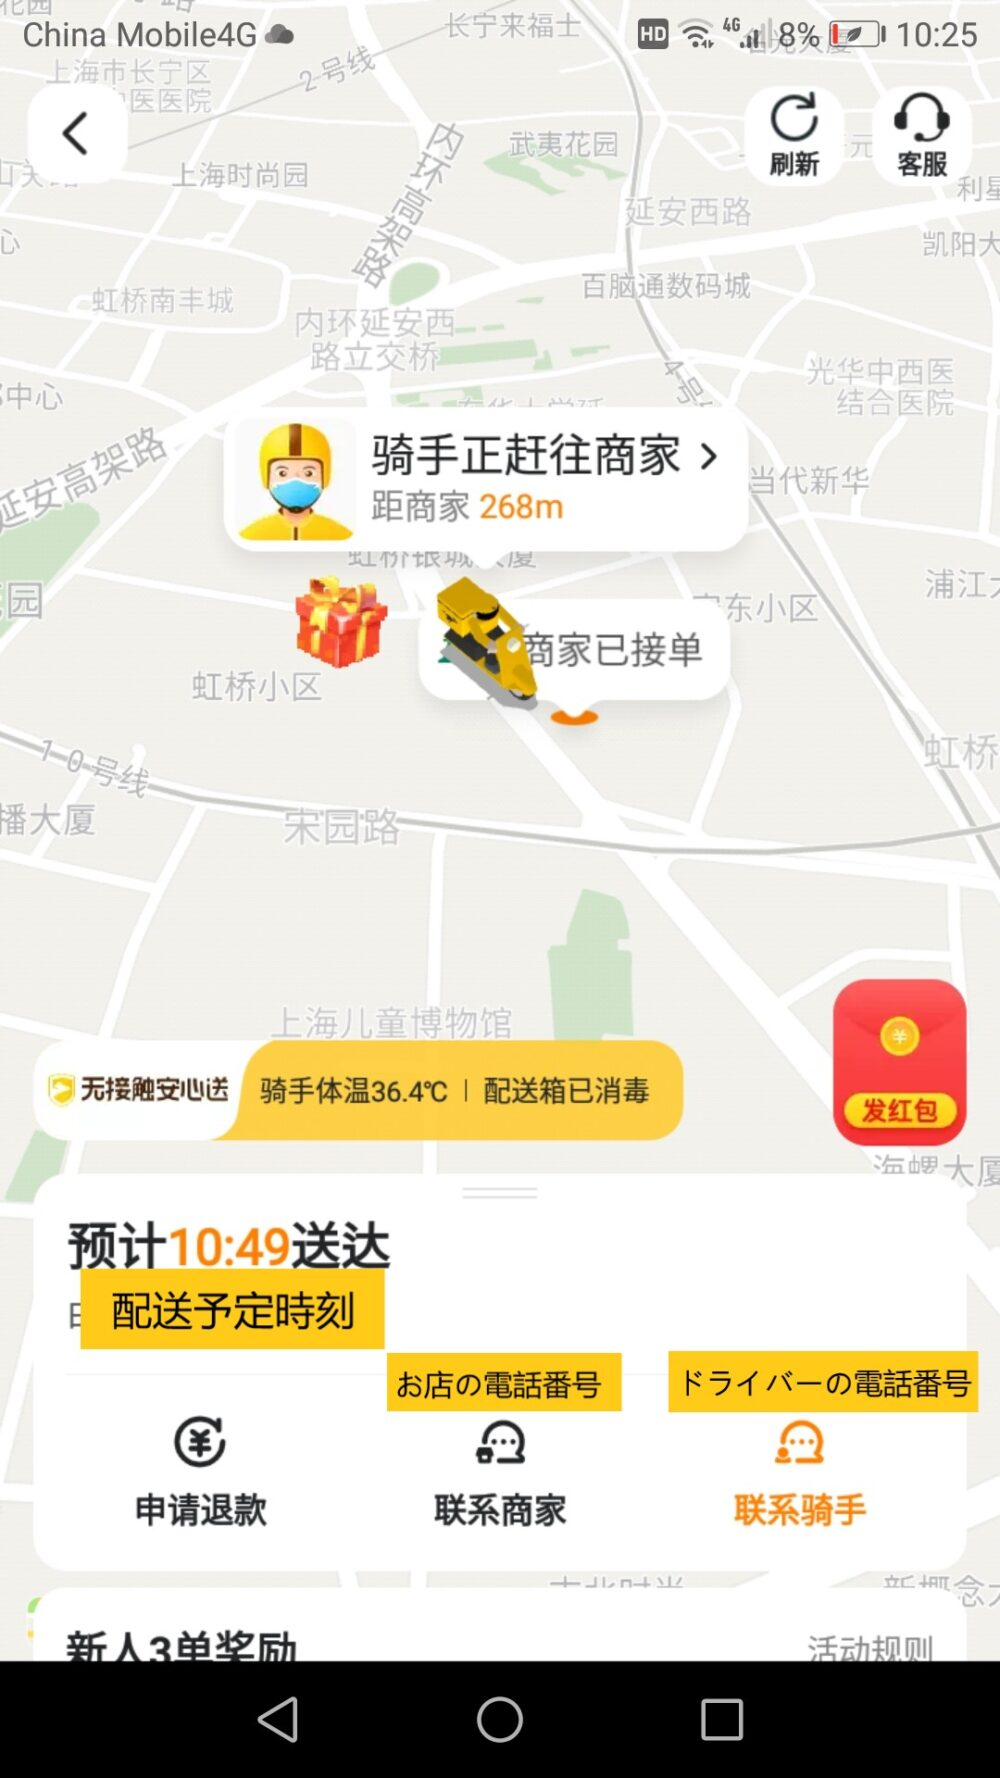 フードデリバリーアプリ美团で予定配送時間、お店とドライバーの電話番号、ドライバーの現在地を確認する画面のスクリーンショットした画像